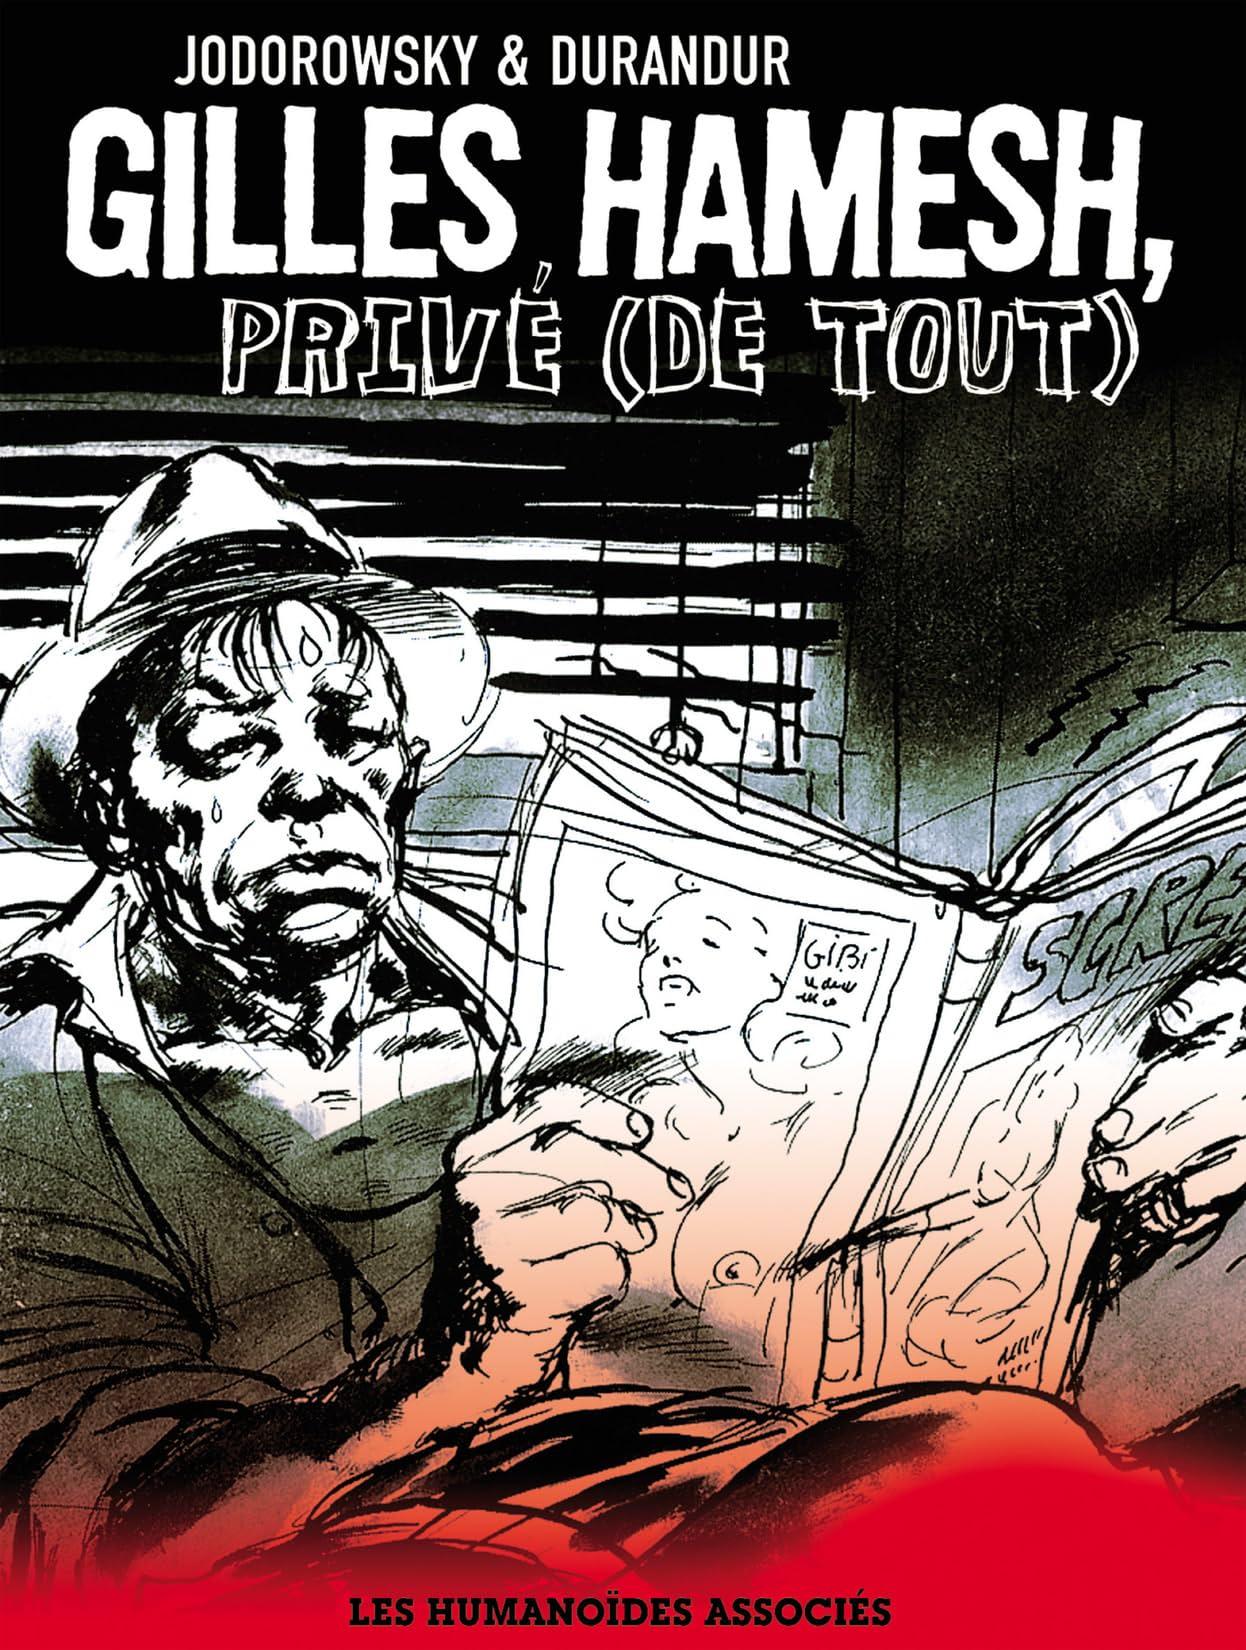 Gilles Hamesh